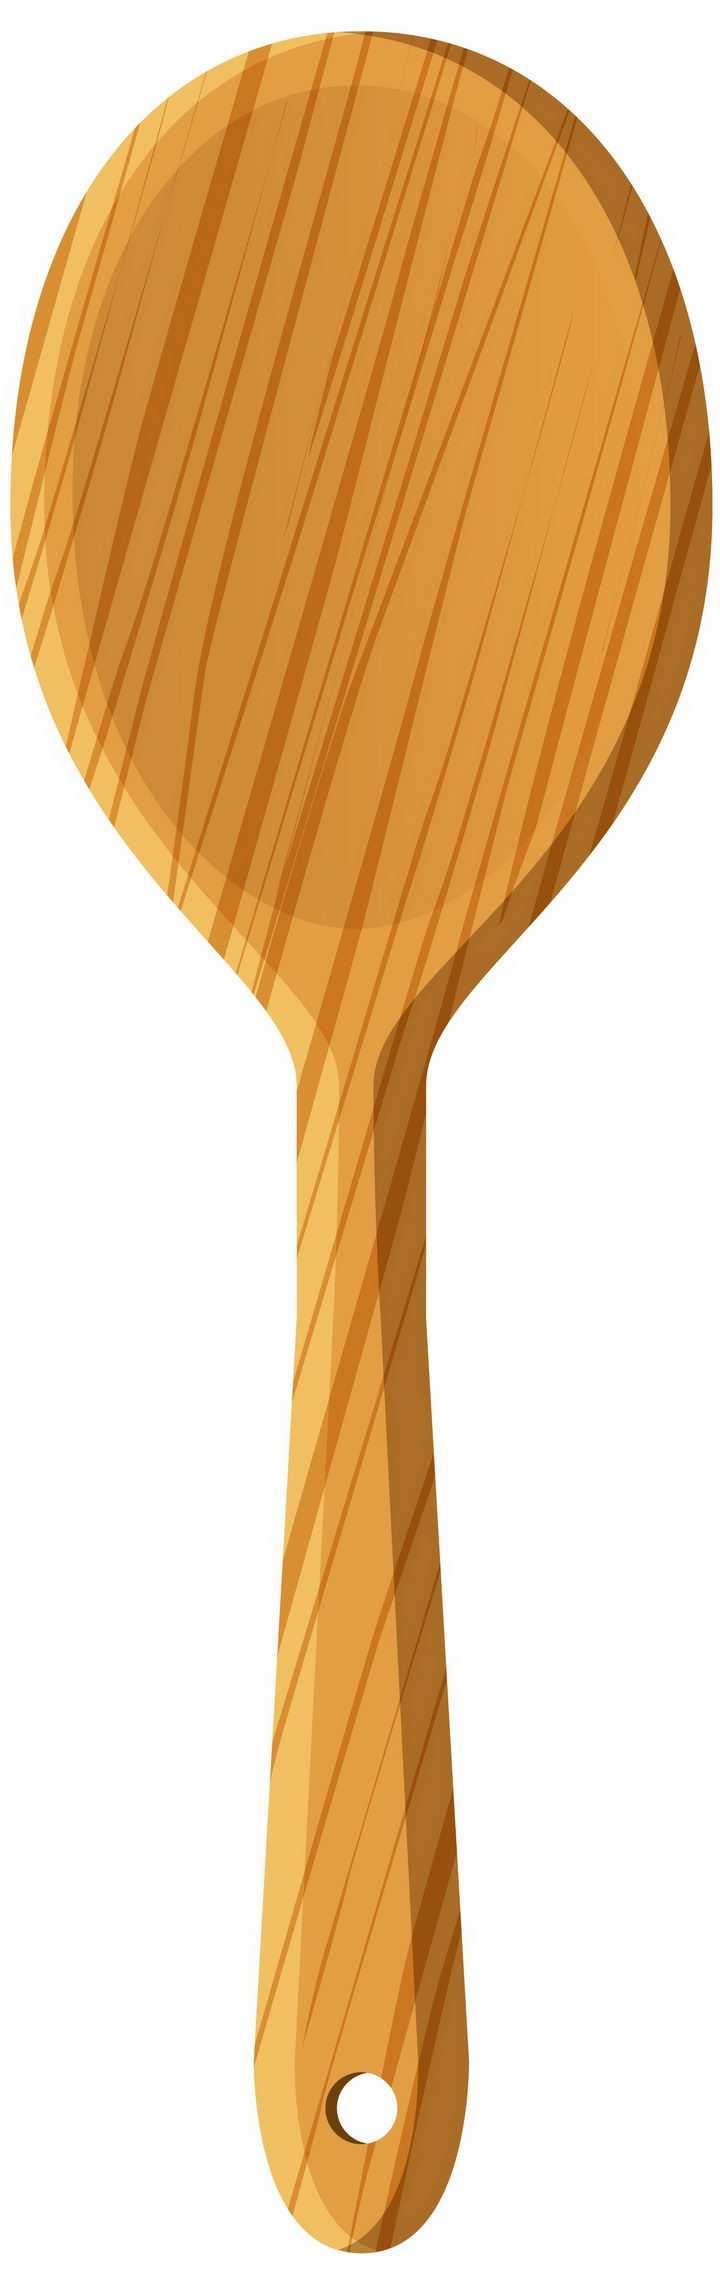 木制木头木纹勺子饭勺厨具png图片免抠素材